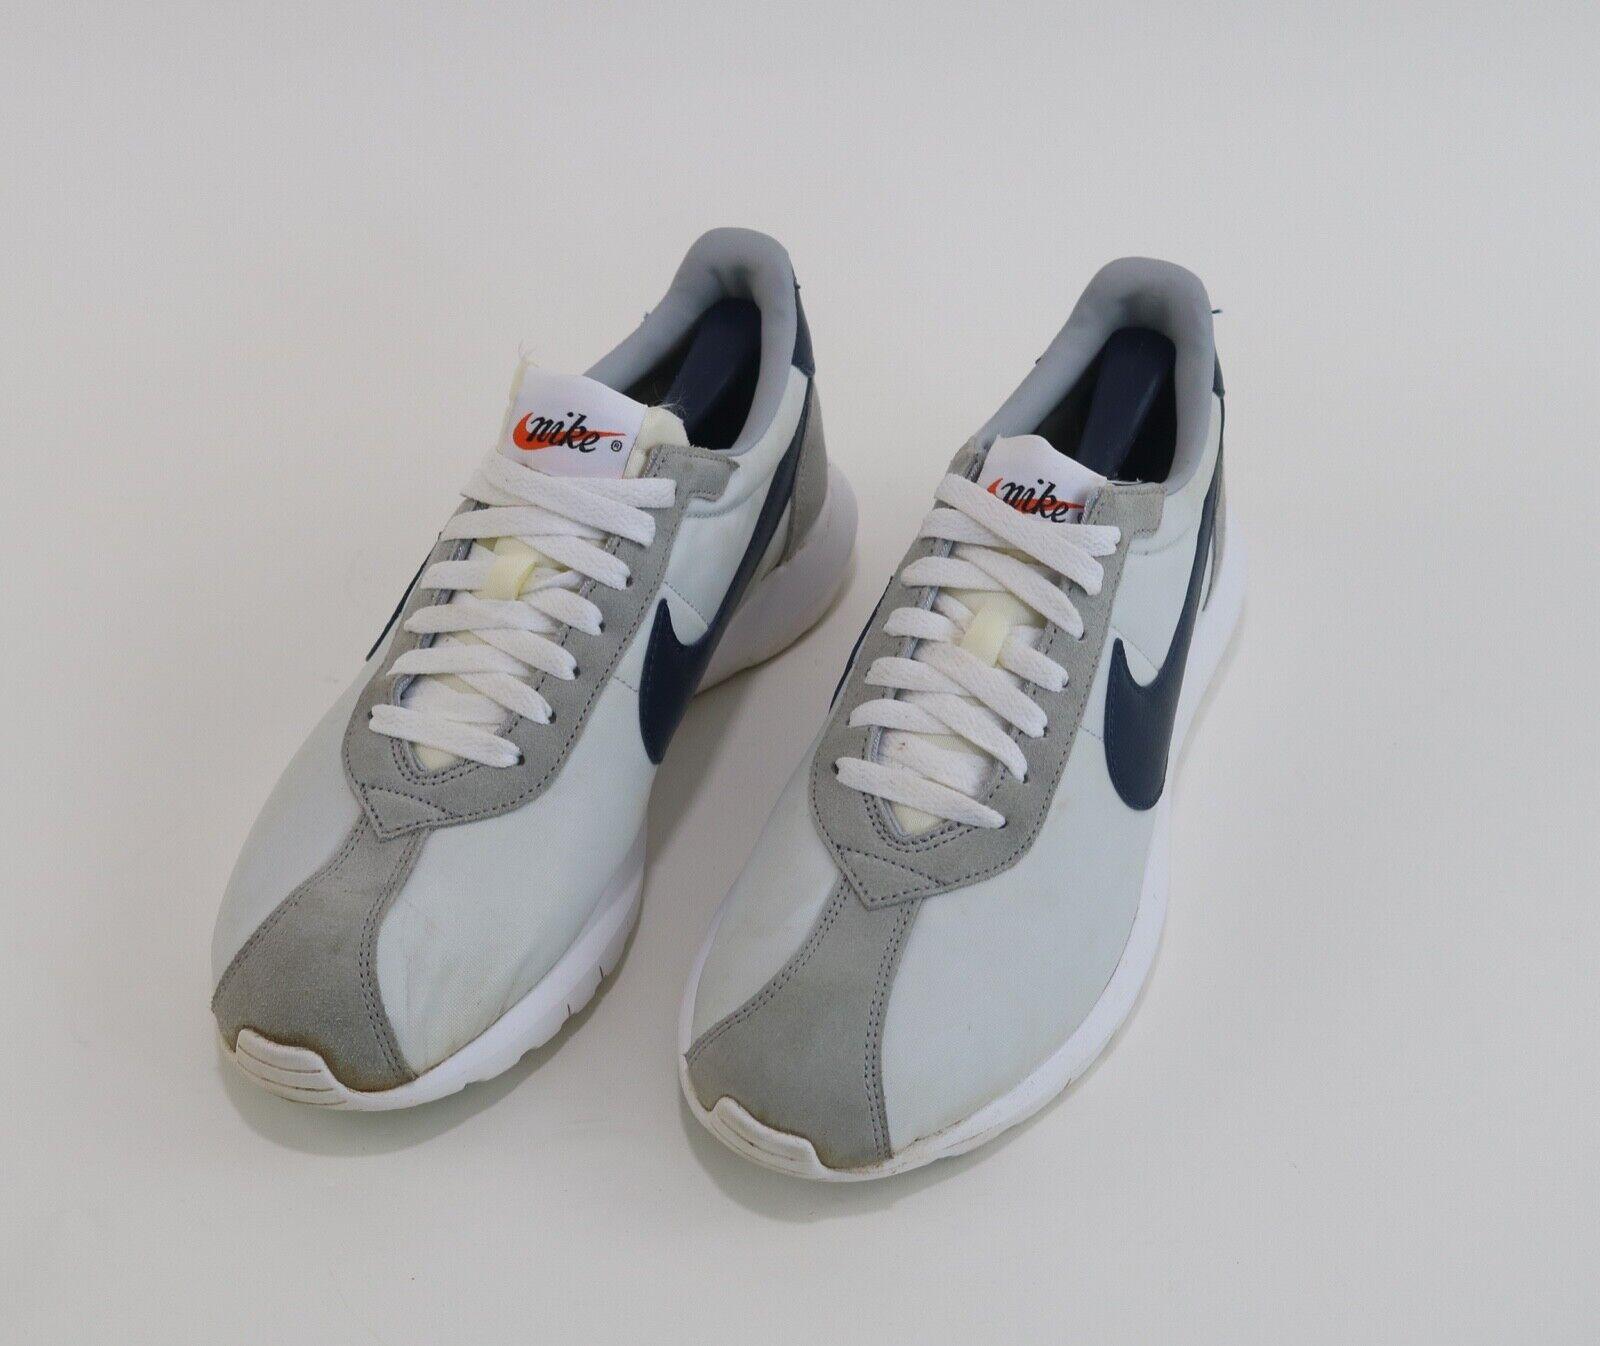 Nike Roshe Ld -1000 QS Mens scarpe  Dimensione 10 Platinum -Obsidian Wolf grigio blu  la migliore moda